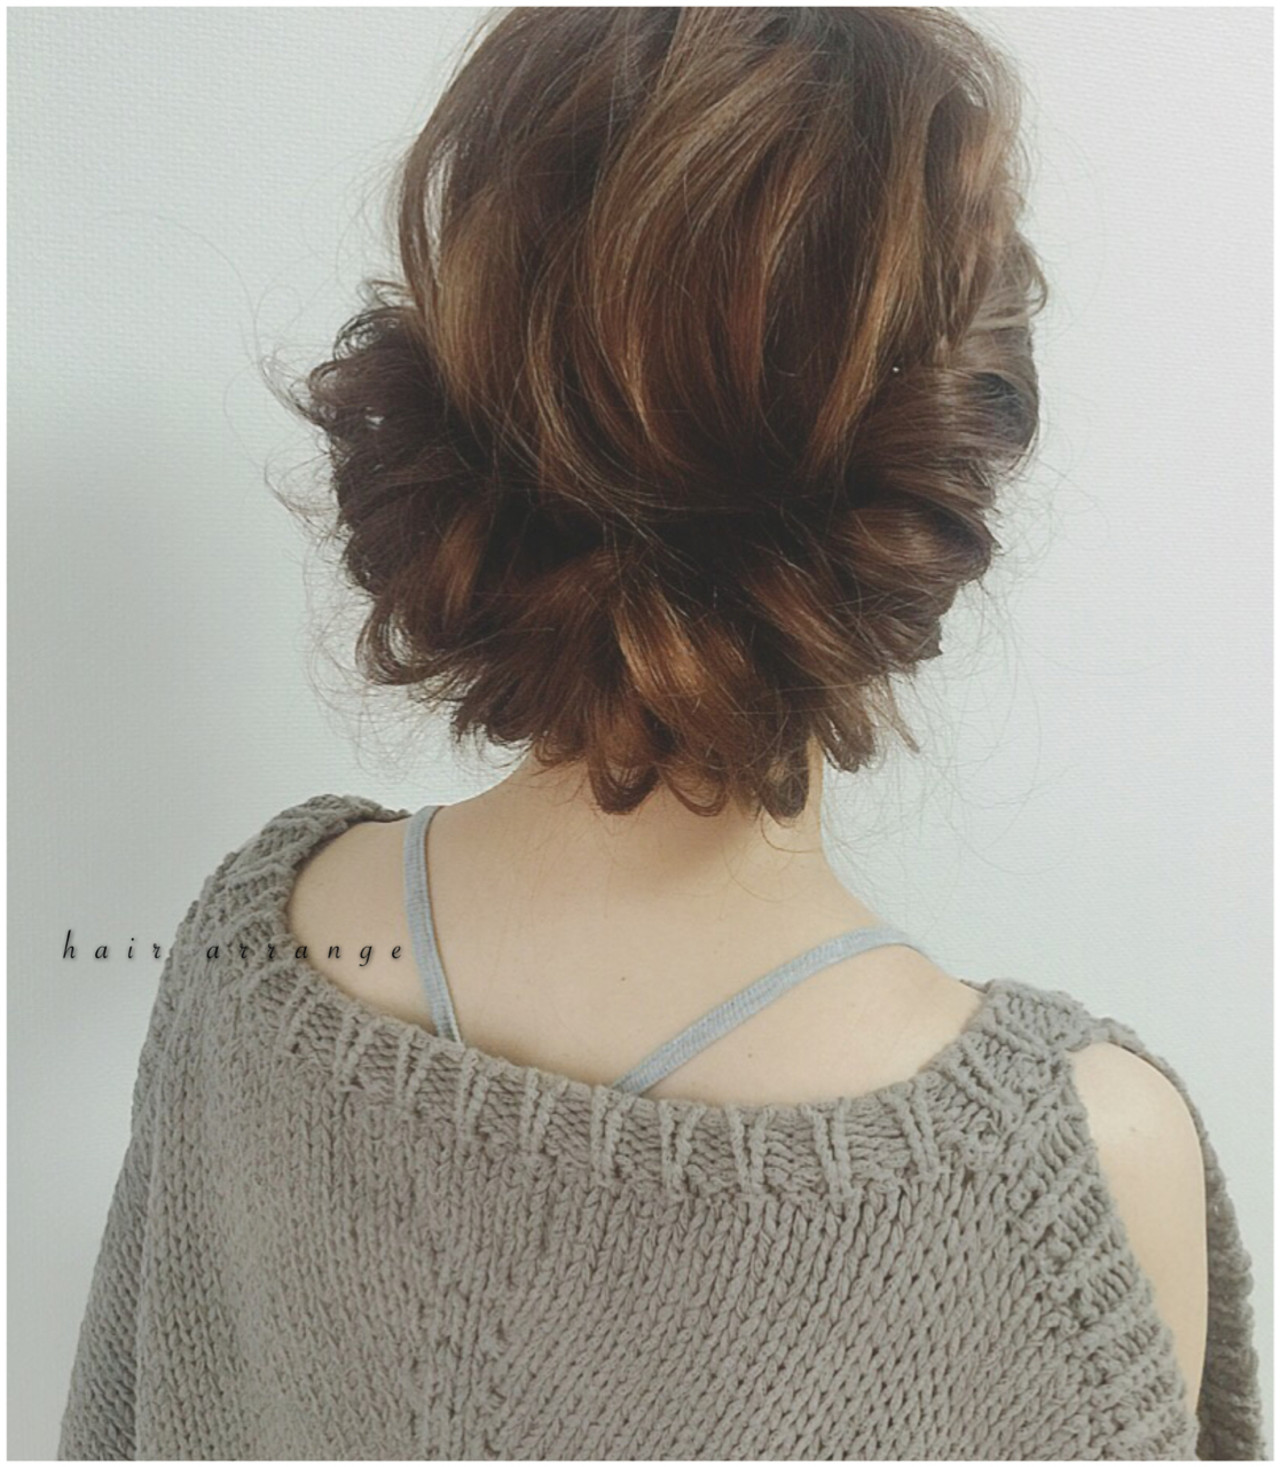 ギブソンタック。  顔周りの髪の毛をフィッシュボーン。 両サイドのフィッシュボーンを 襟足でヘアゴムで束ねる。 襟足の髪の毛をフィッシュボーンのところに 通してピンで固定する。